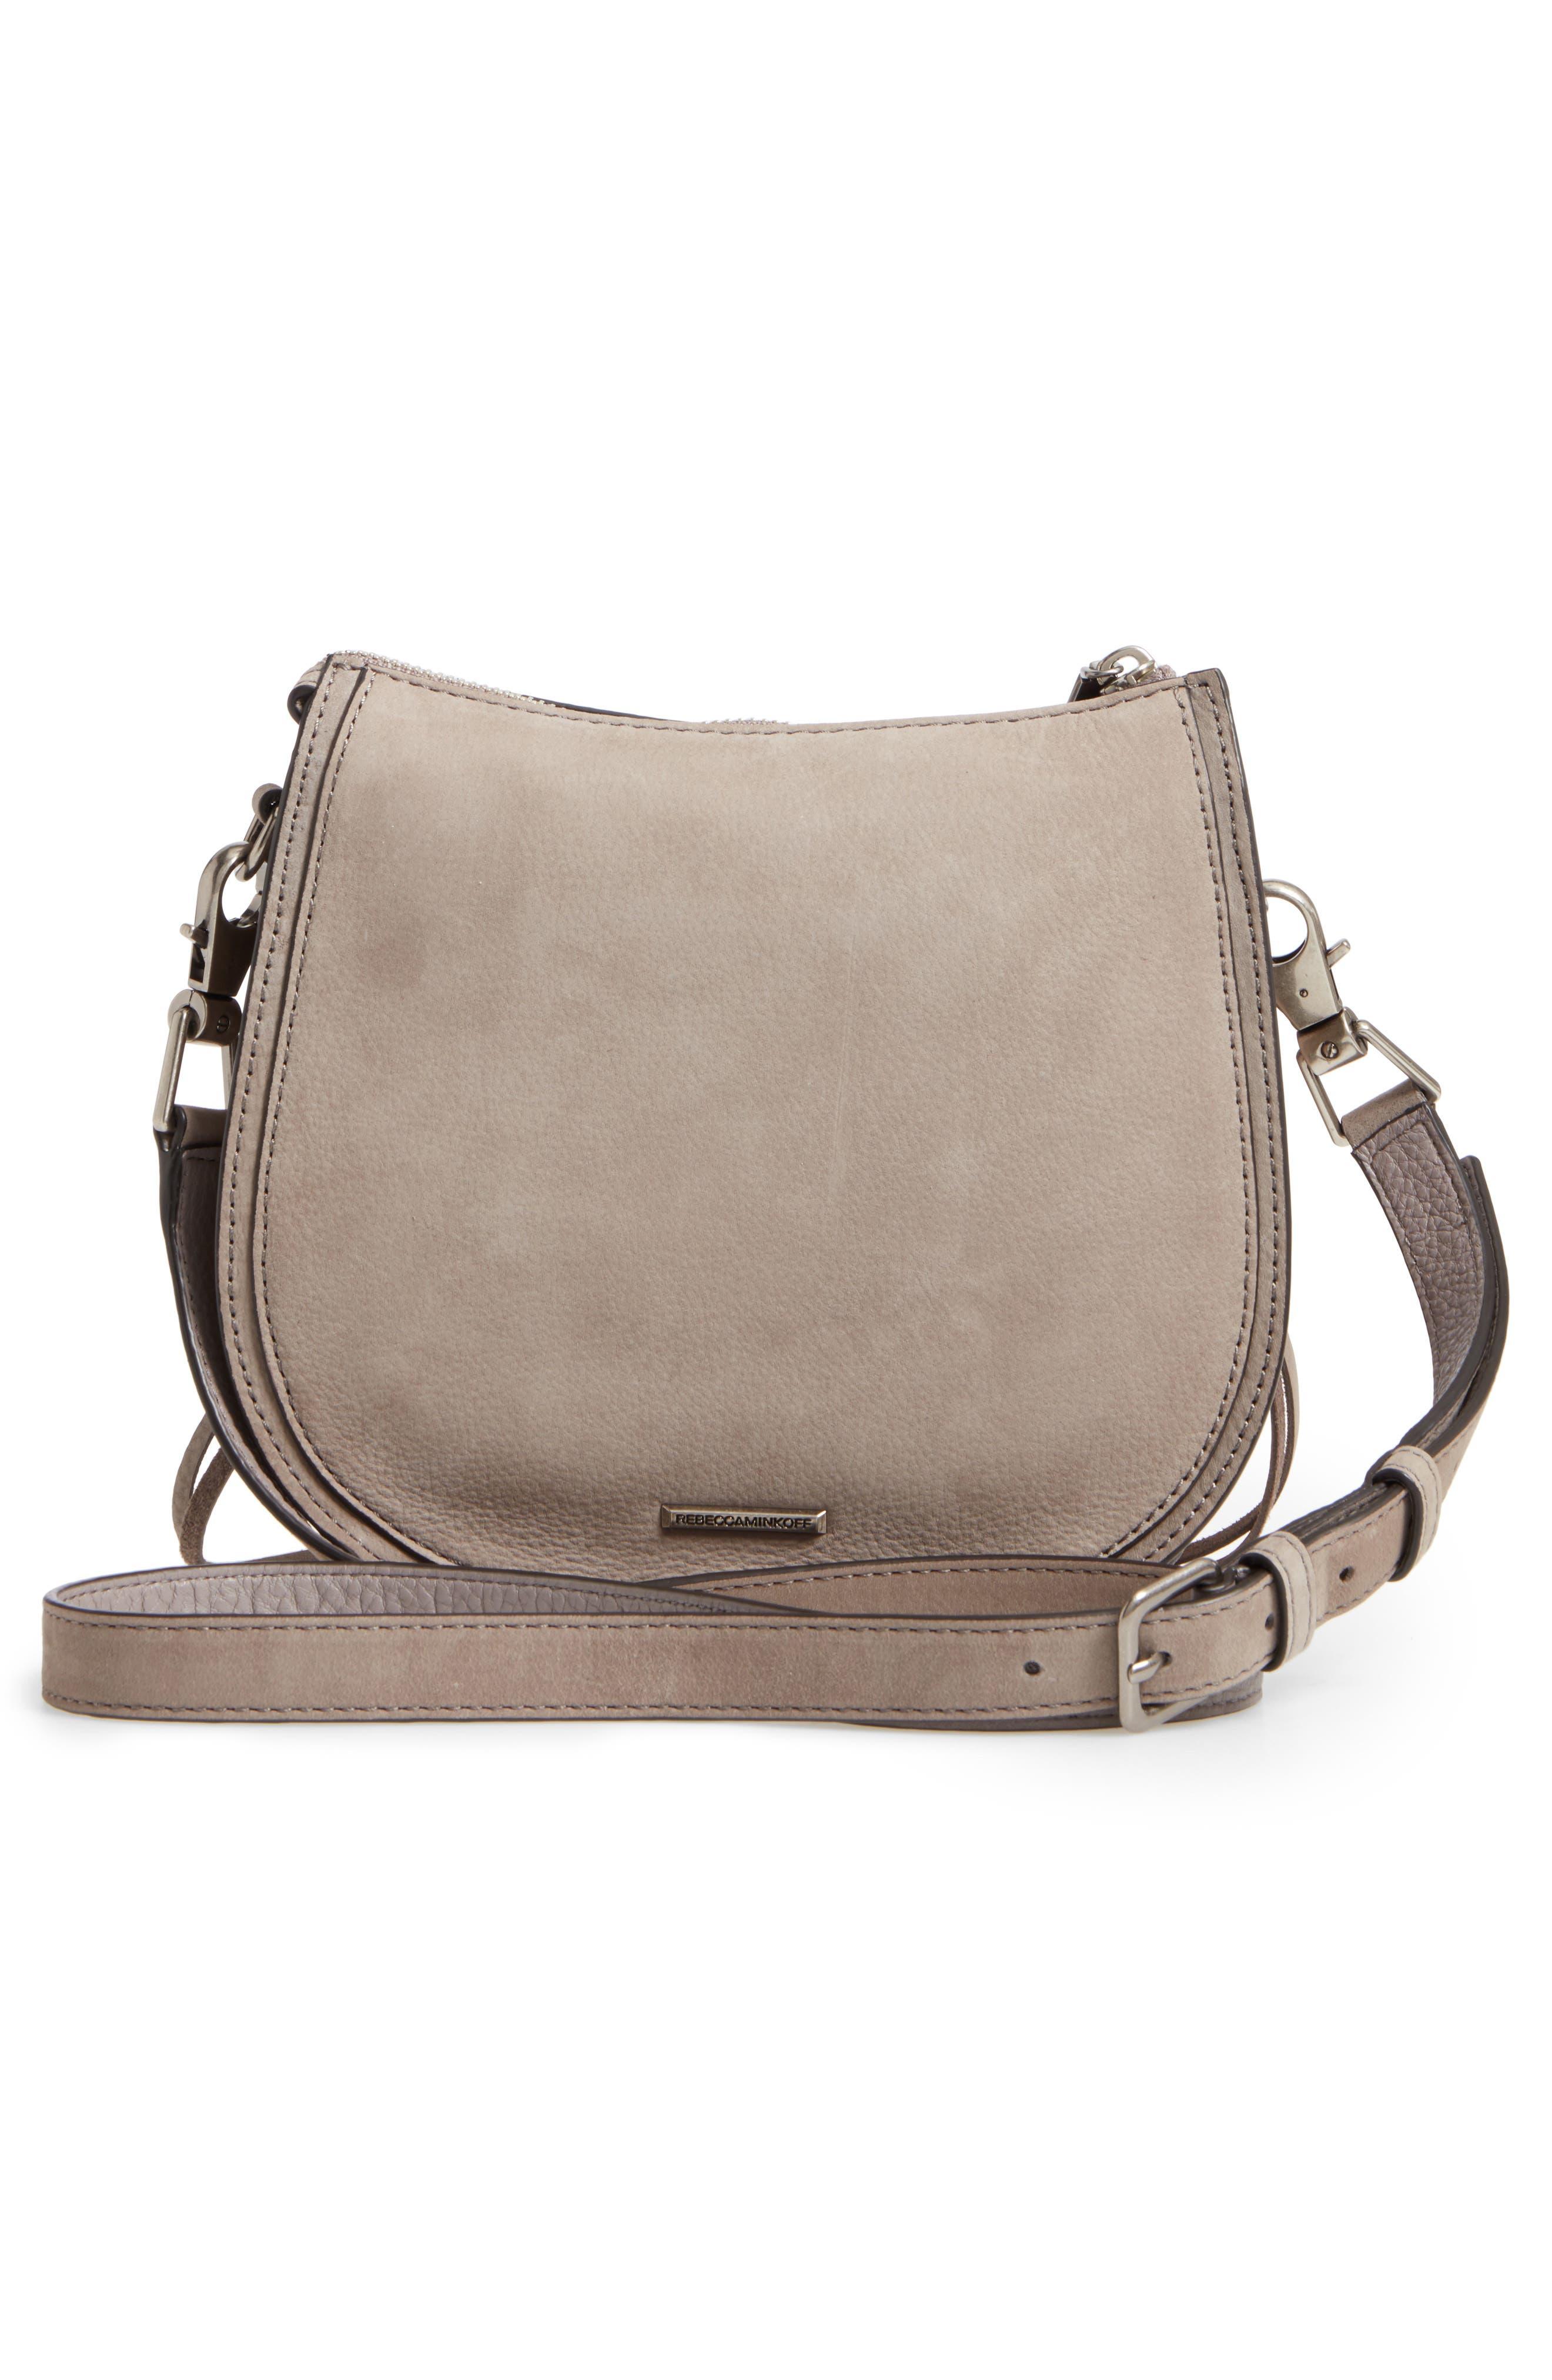 Mini Vanity Saddle Bag,                             Alternate thumbnail 3, color,                             020